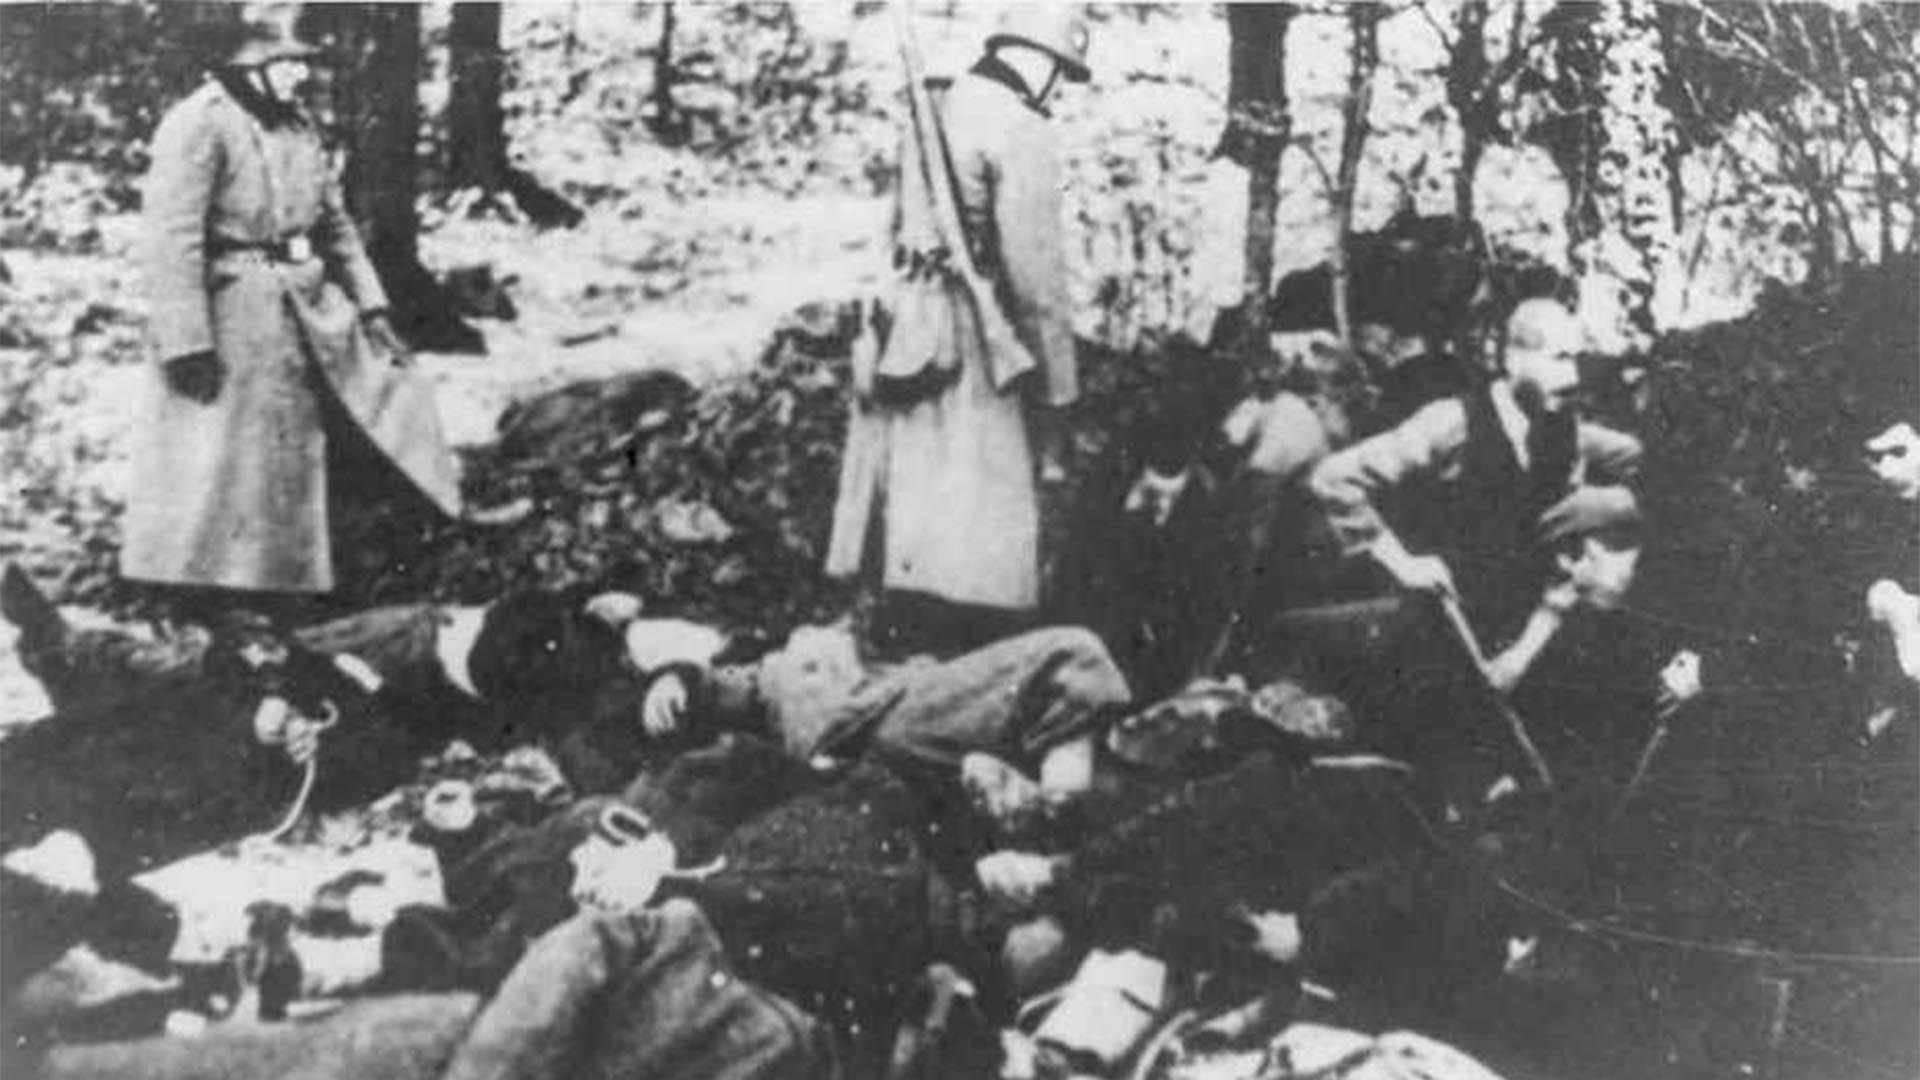 Los cuerpos en las fosas del bosque. Algunos lograban una sobrevida cavando para ocultarlos (Foto: Archivo Walter Von Reichenau)